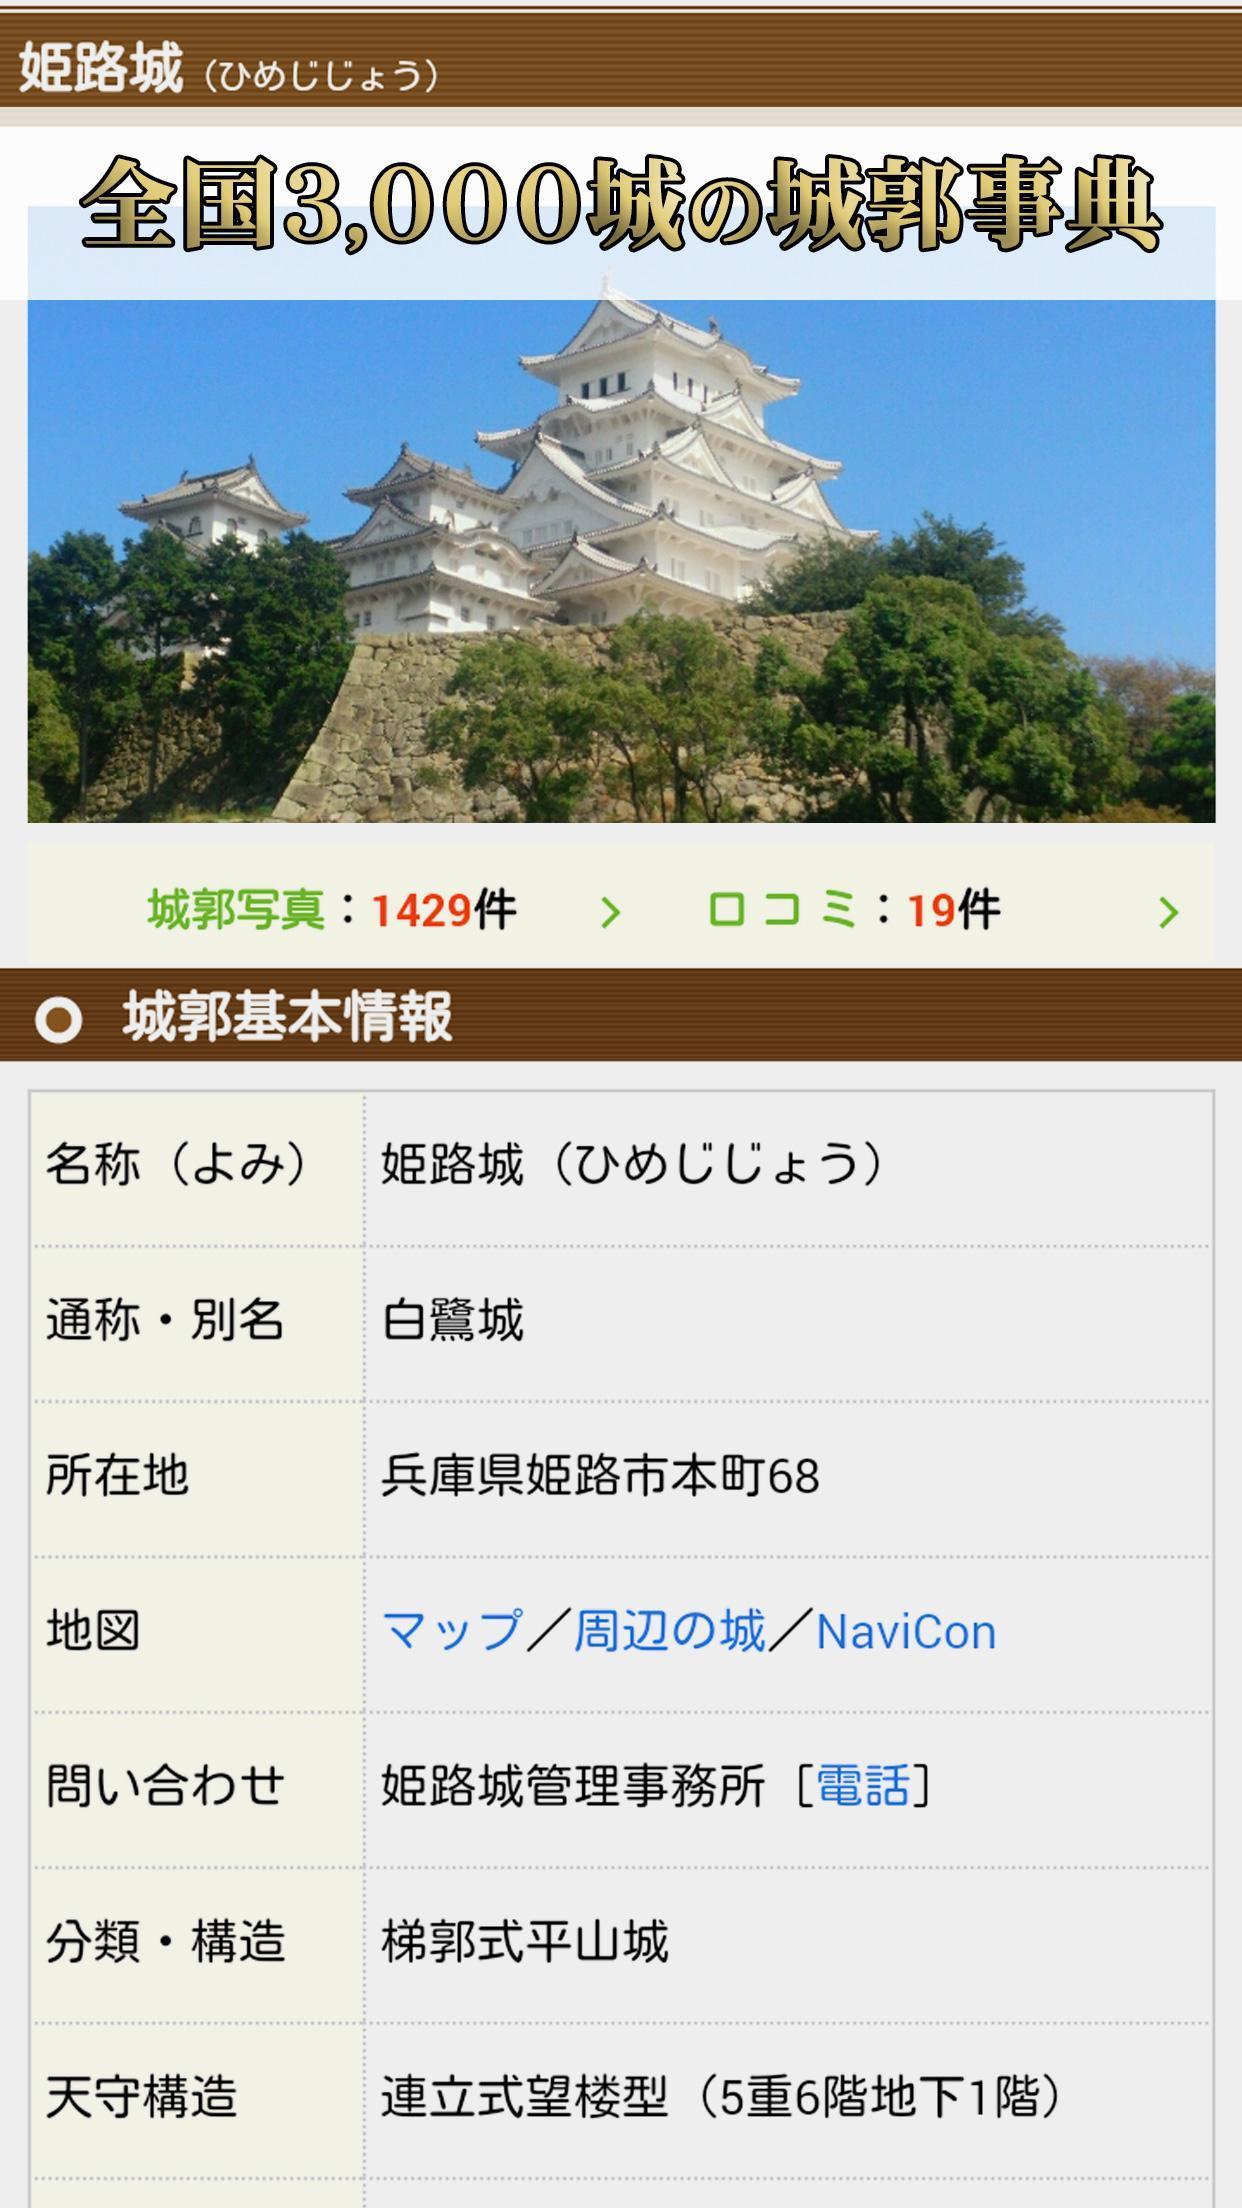 ニッポン城めぐり(無料スタンプラリー・戦国位置ゲーム) 4.6.1 Screenshot 2